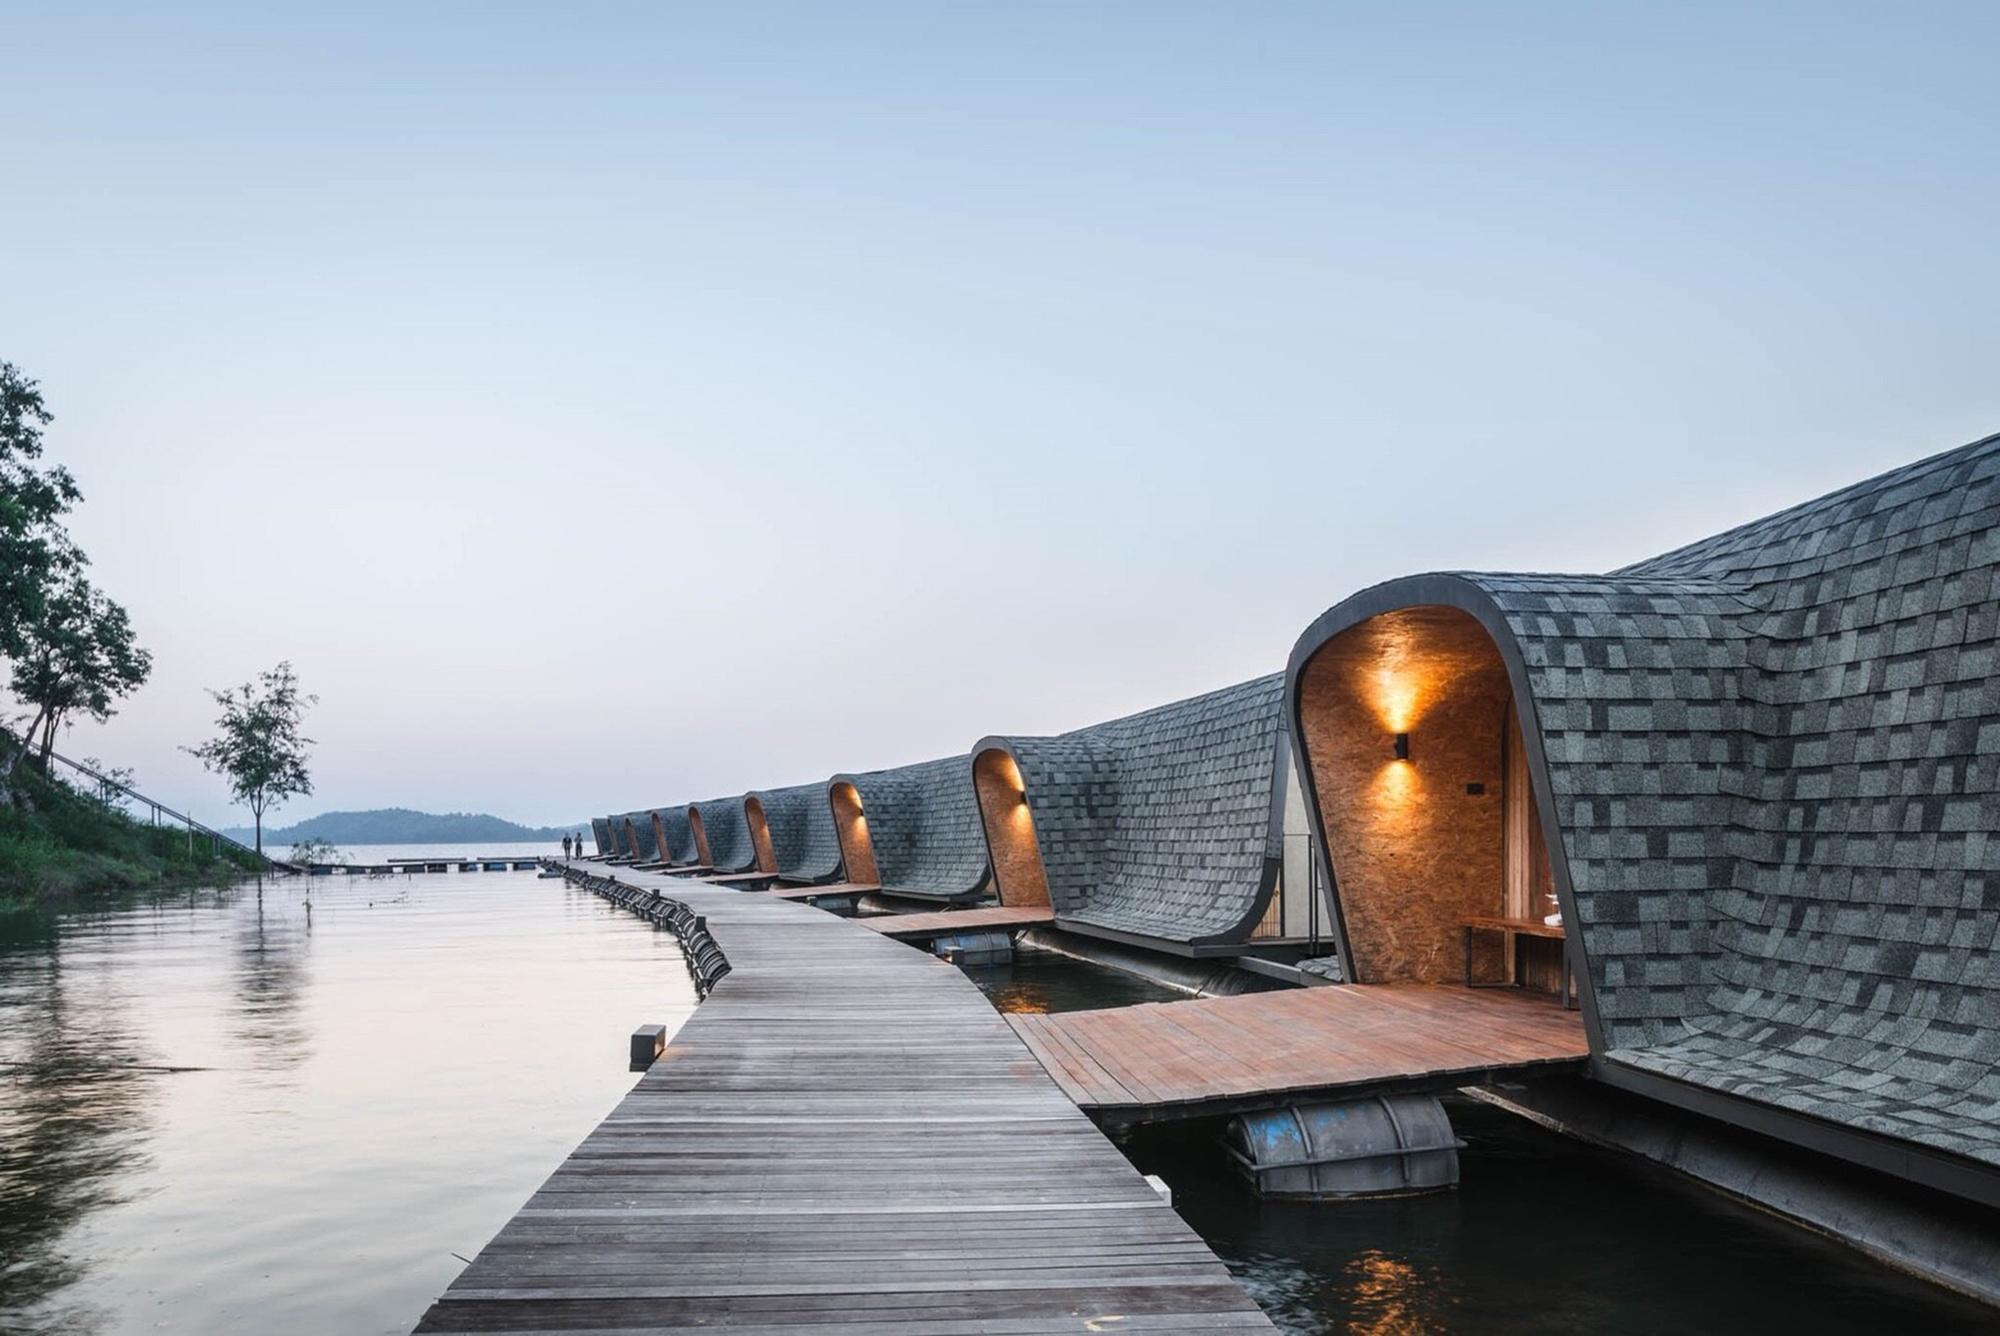 Z9 Resort / Dersyn Studio